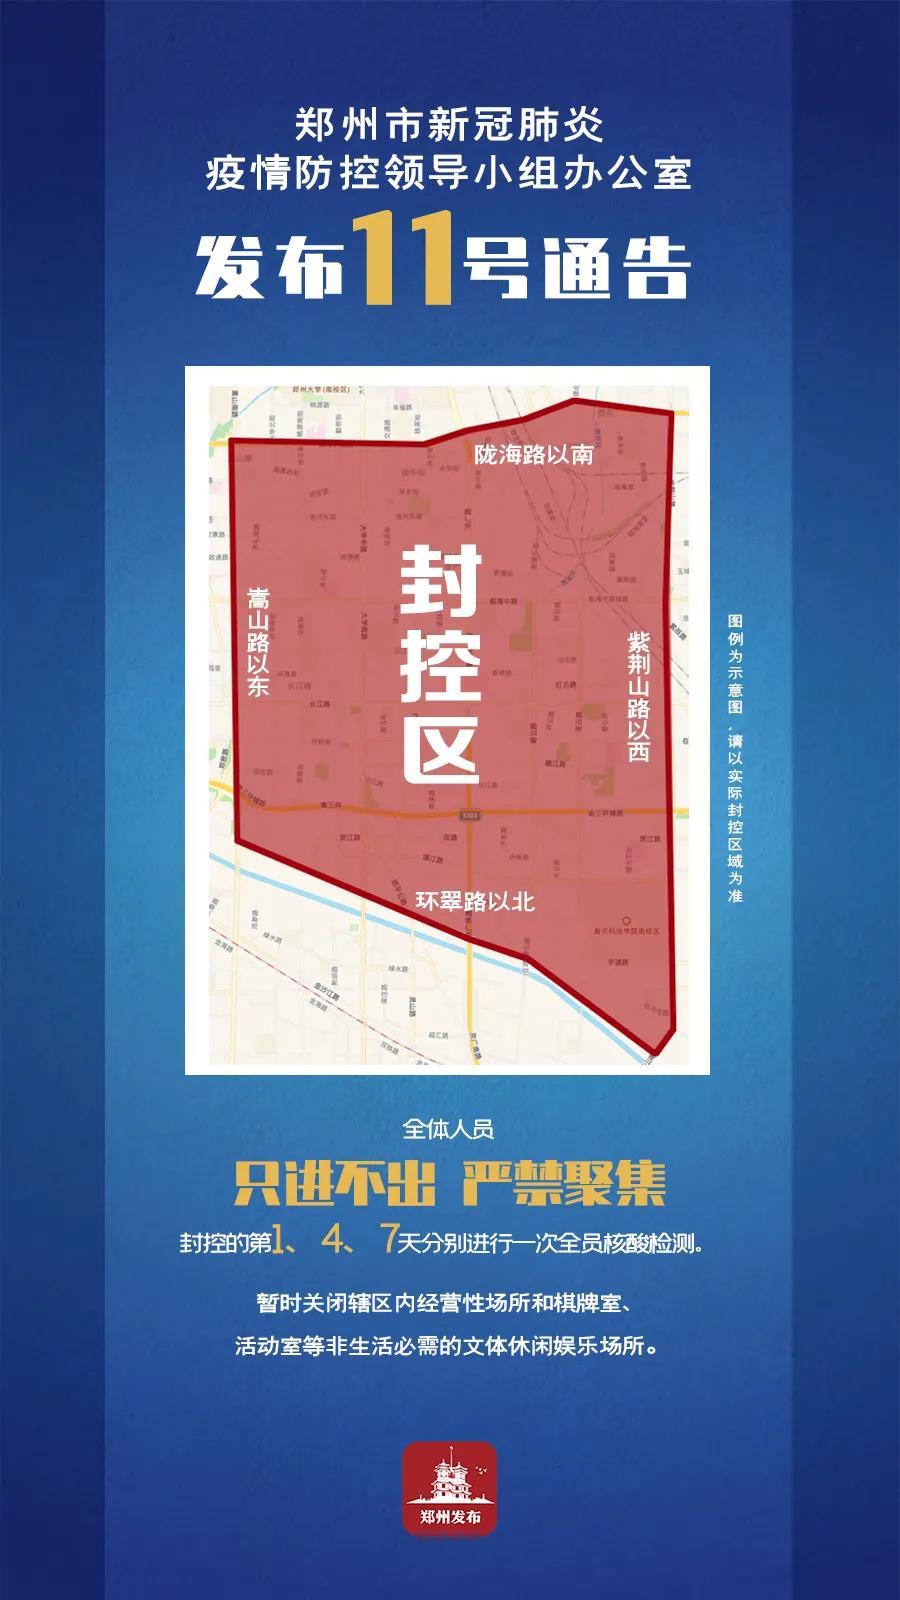 """郑州发布12号通告:扩大封控区,区内人员""""只进不出、严禁聚集"""""""